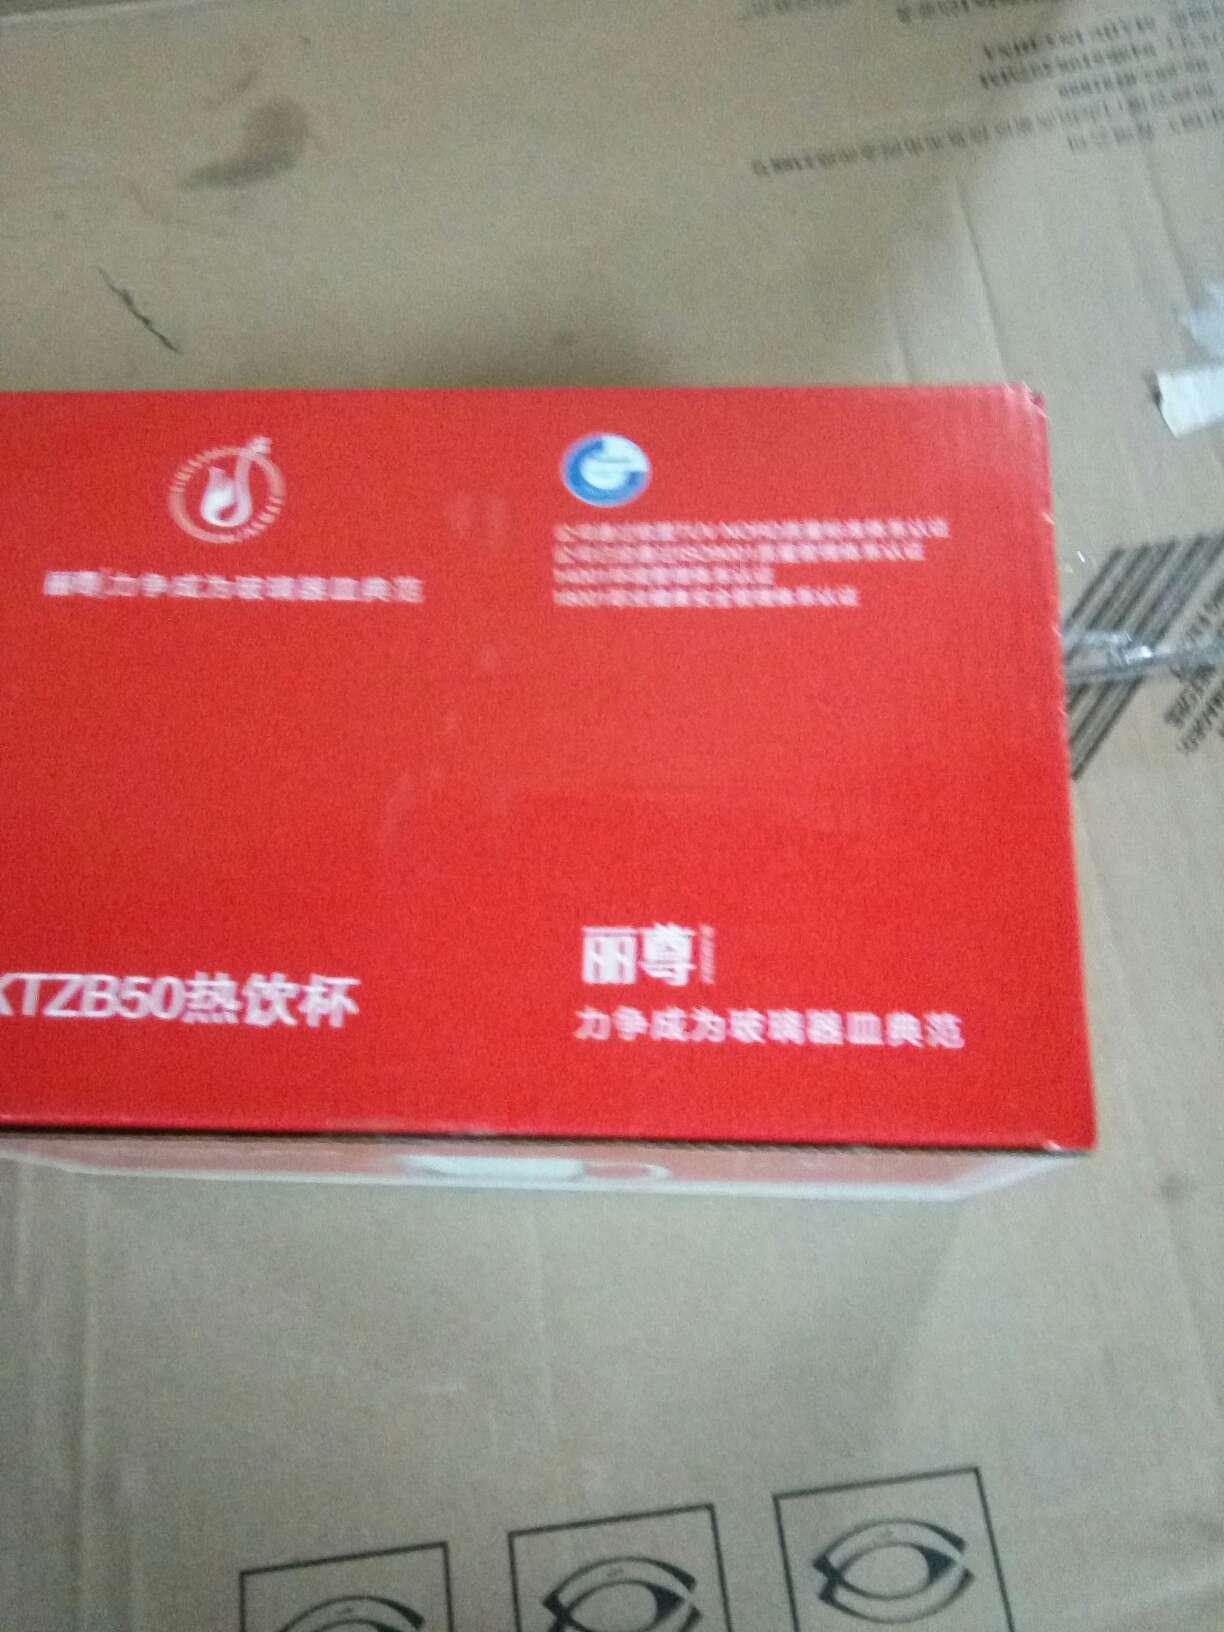 schuh mit flügeln logo 00276653 mall